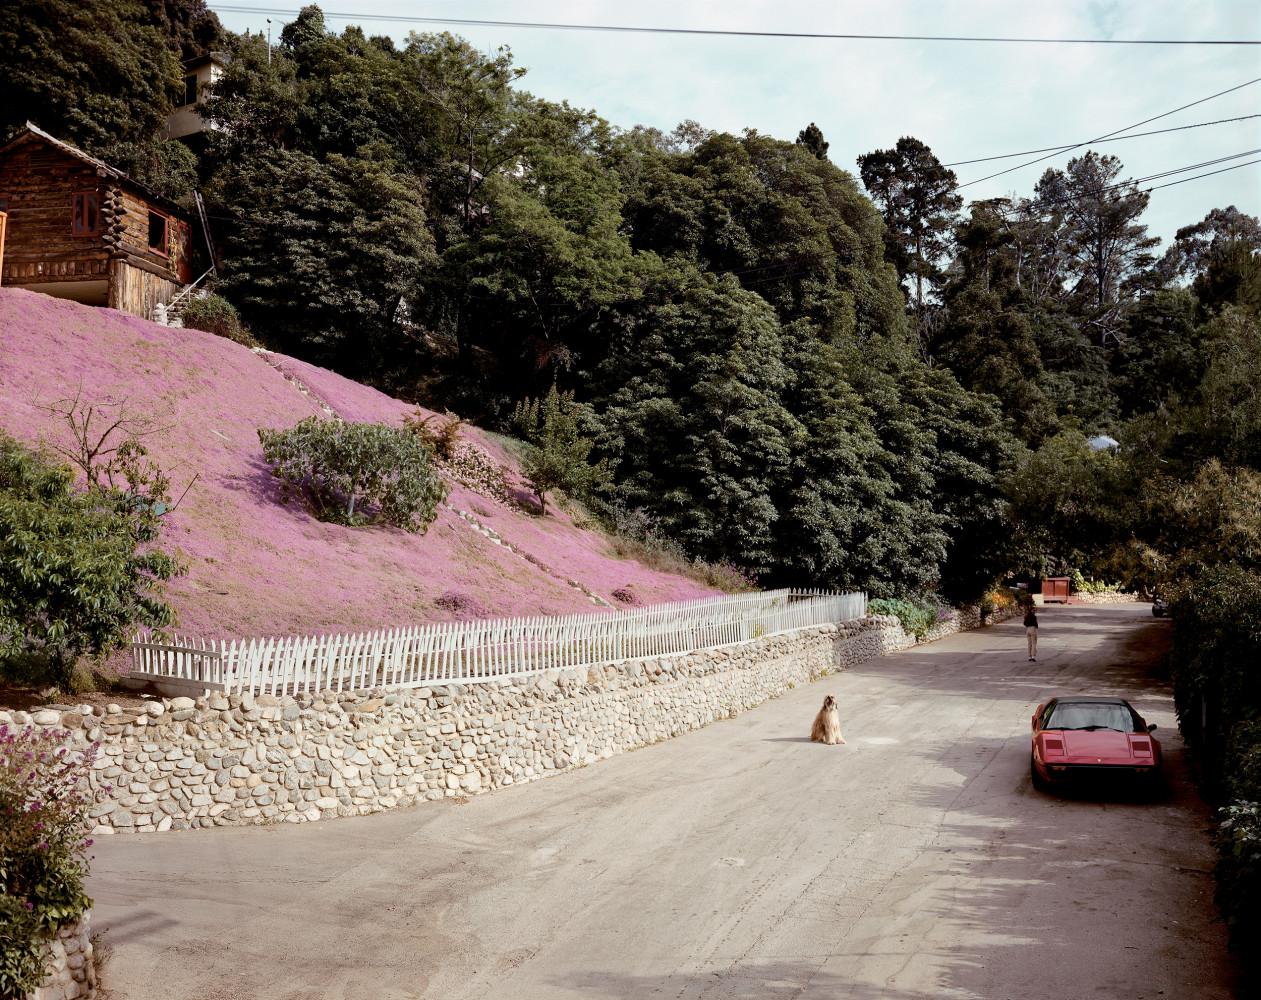 Joel Sternfeld, 'Rustic Canyon, Santa Monica, California, May 1979', 1982